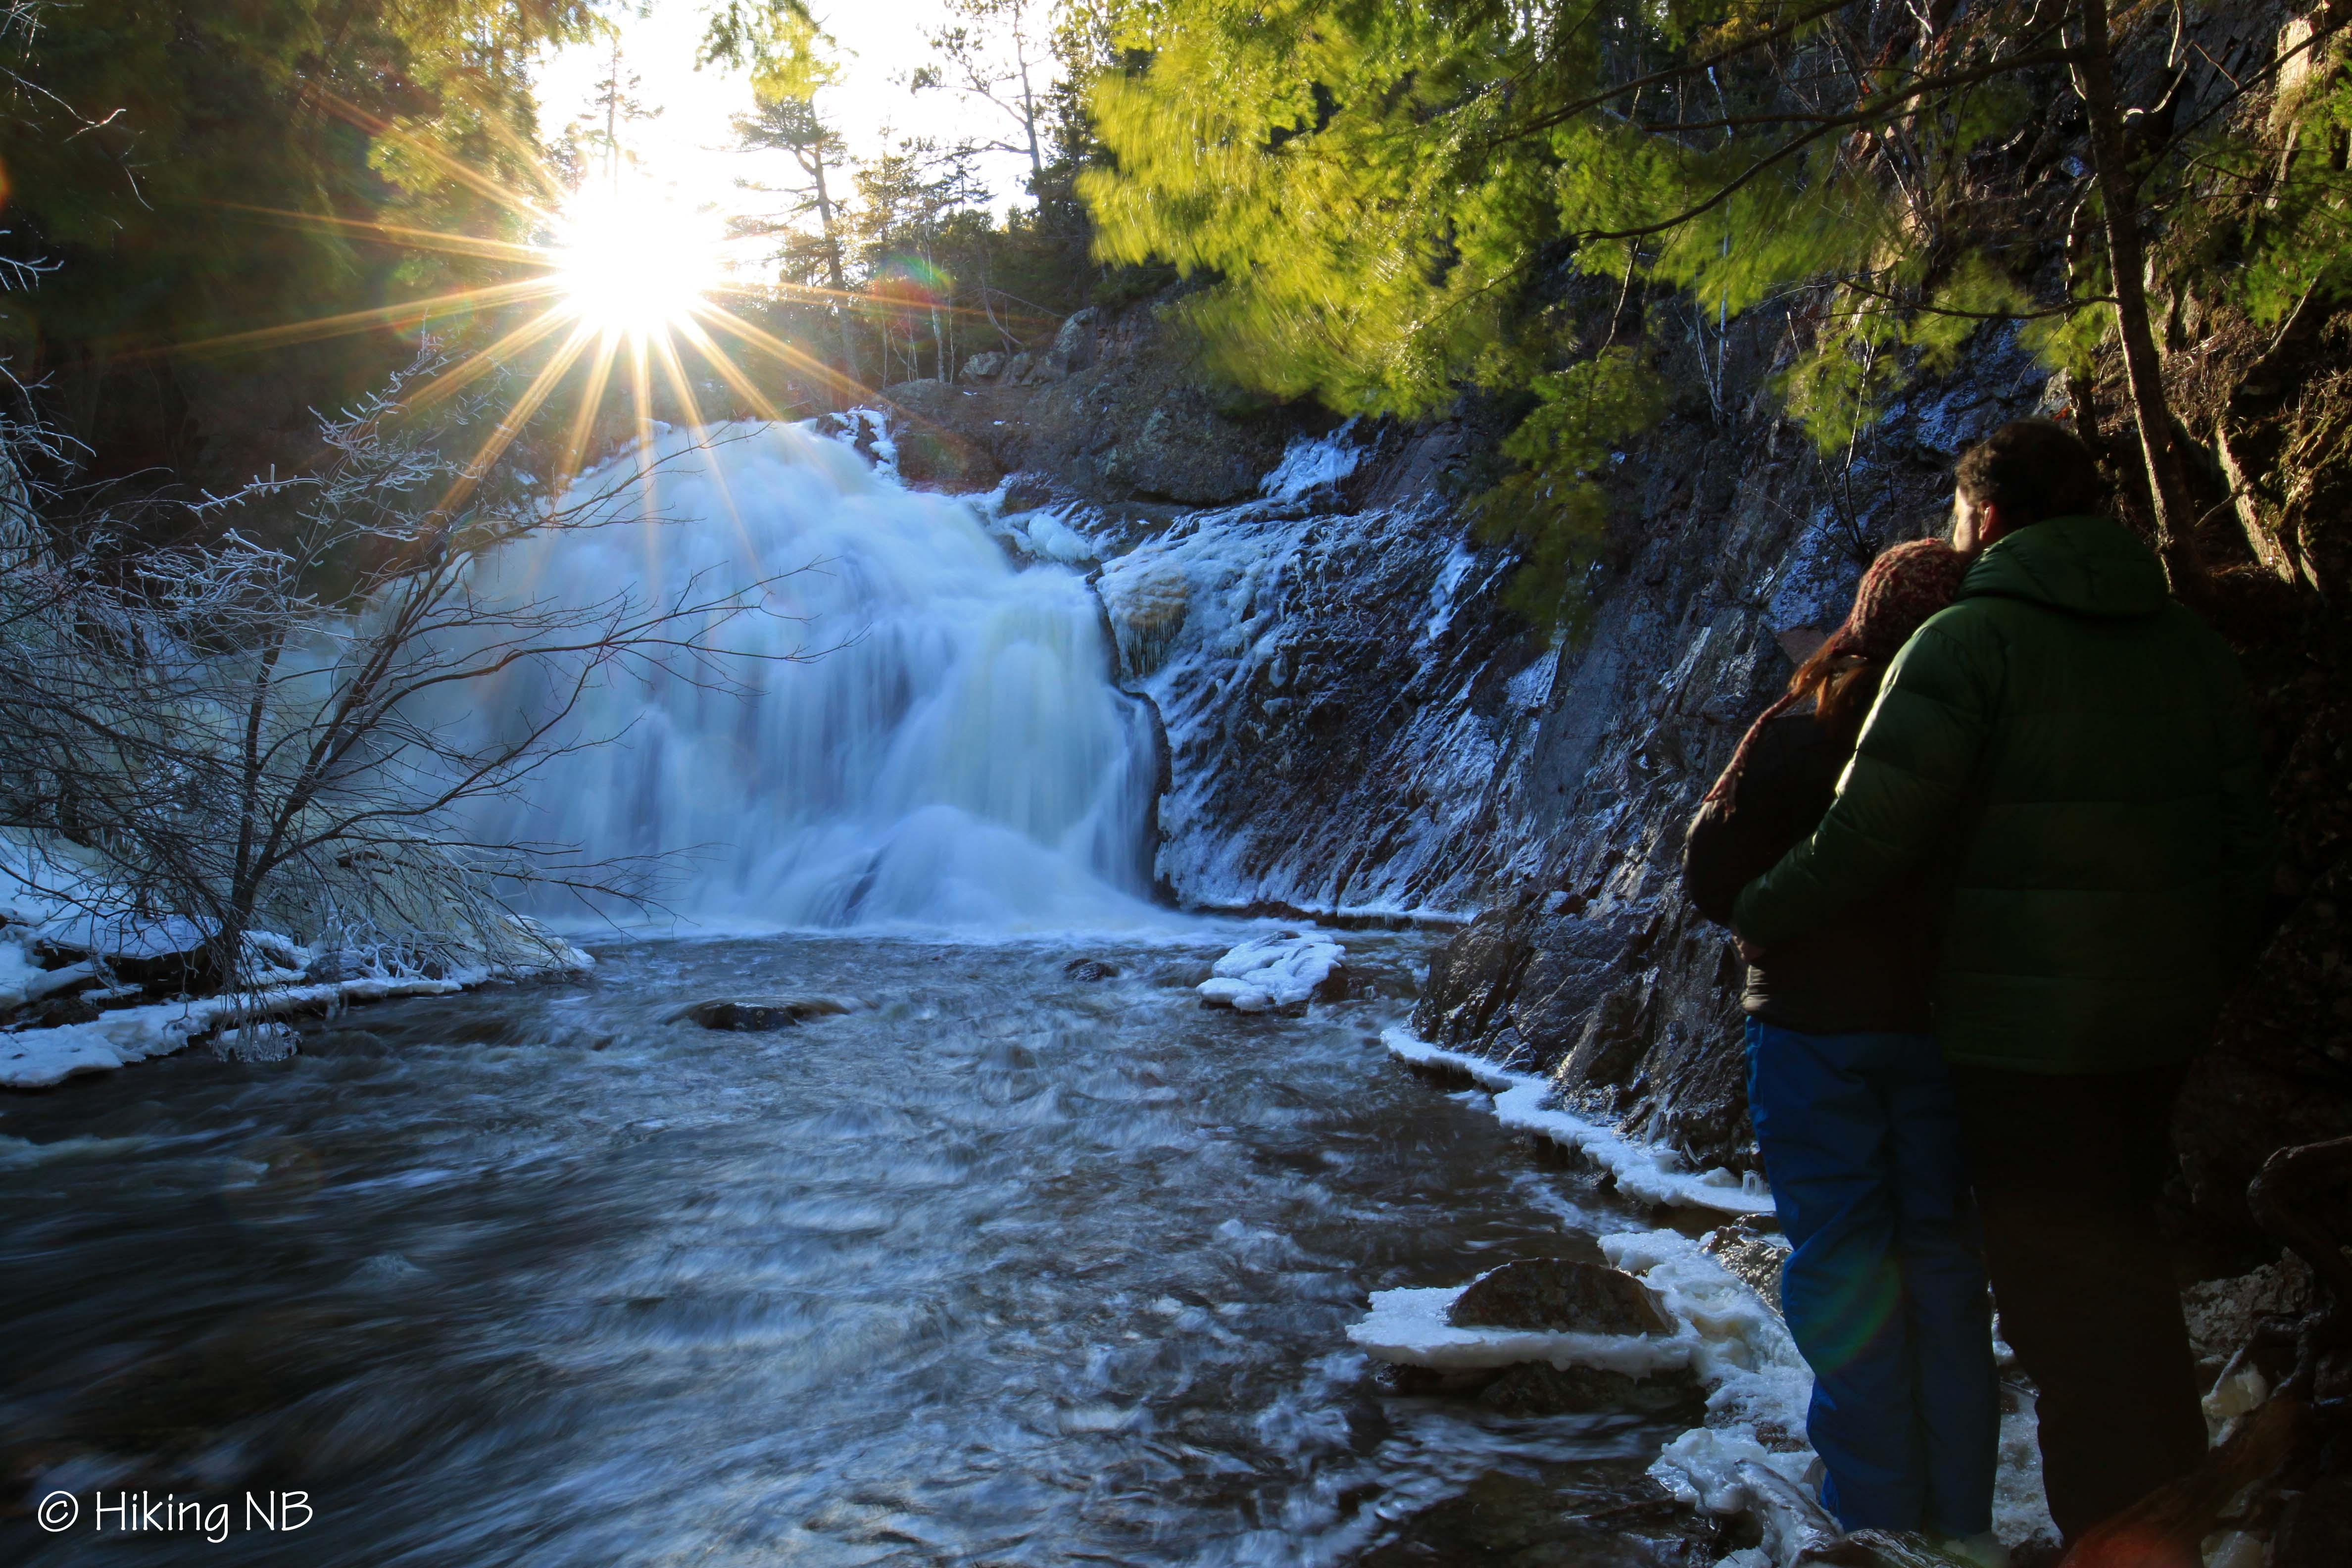 Fundy East Hiking Nb